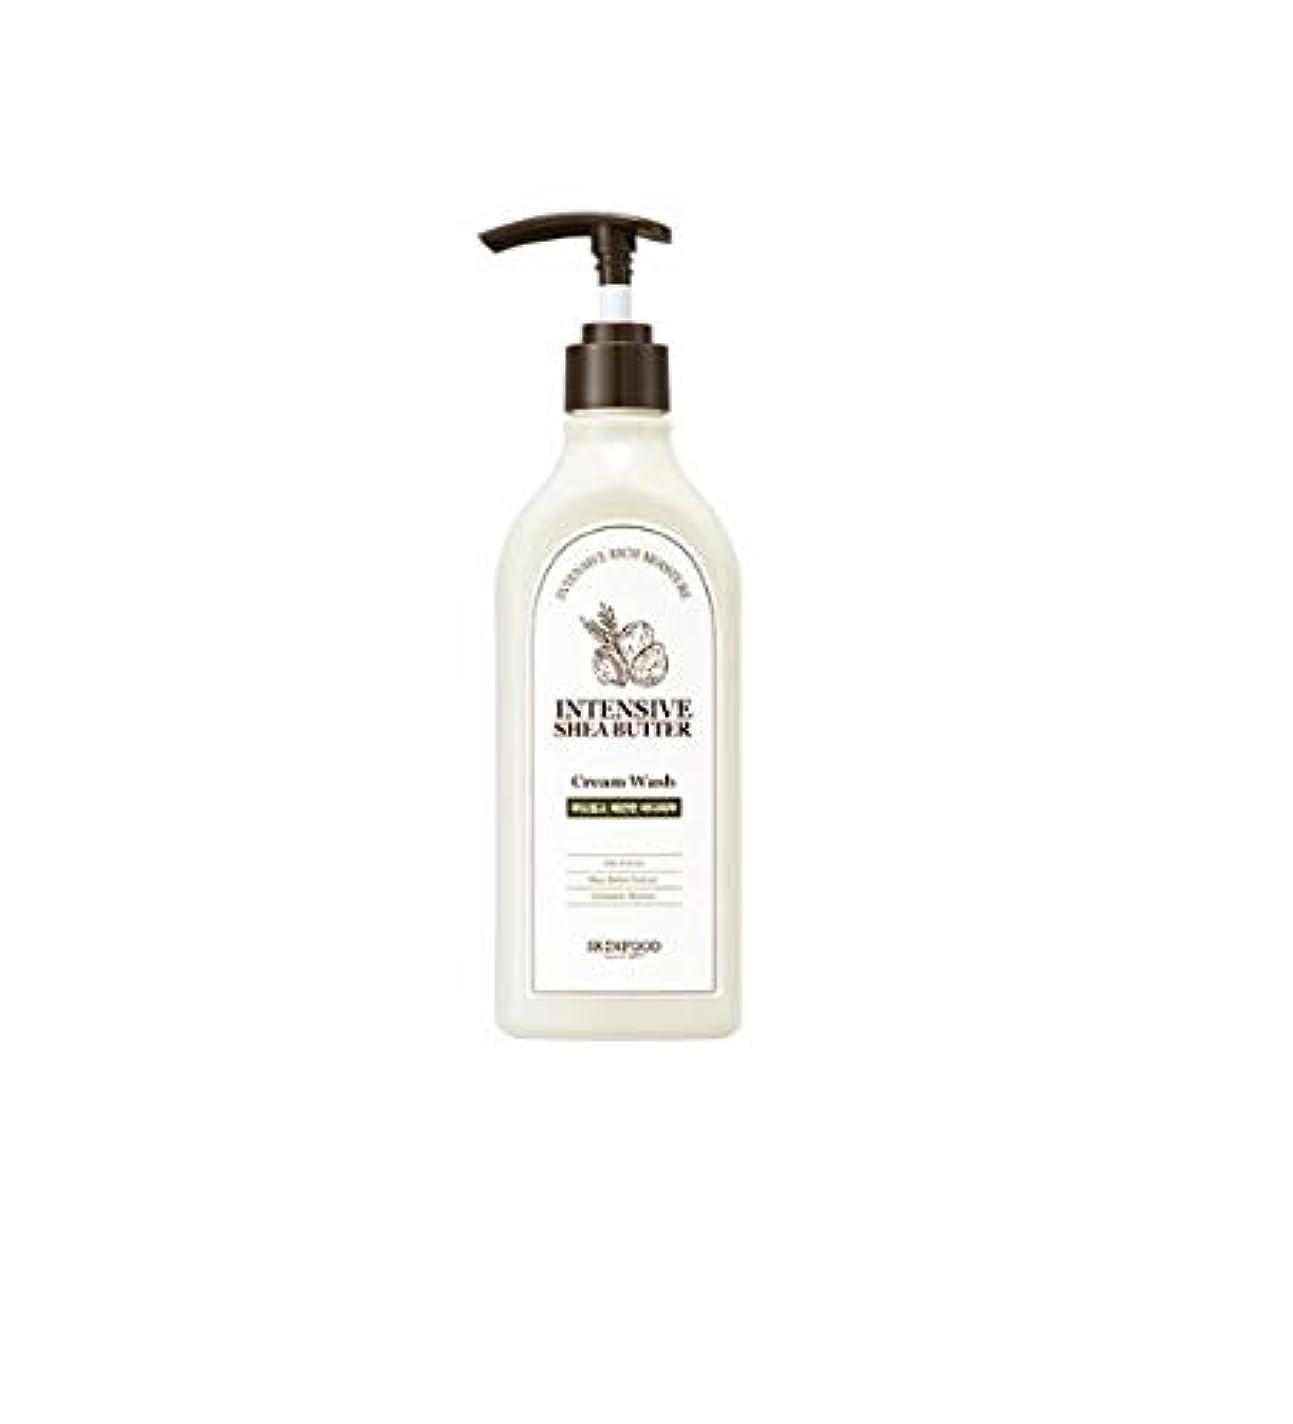 鉄道完璧遊具Skinfood 集中シアバタークリームウォッシュ/Intensive Shea Butter Cream Wash 335ml [並行輸入品]